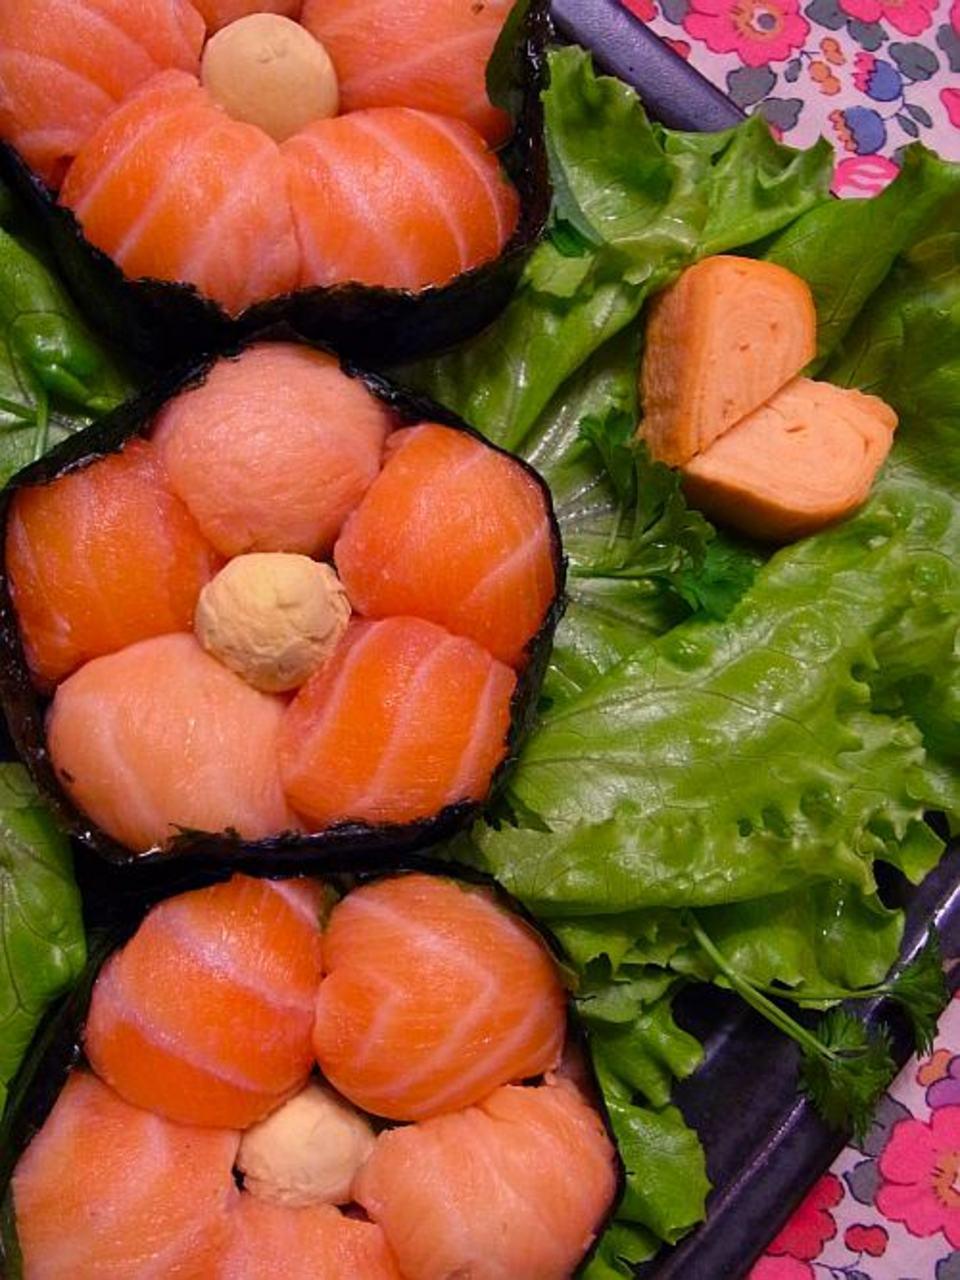 コストコサーモンのレシピ紹介!鮭の値段や切り方、冷凍保存方法は?のサムネイル画像